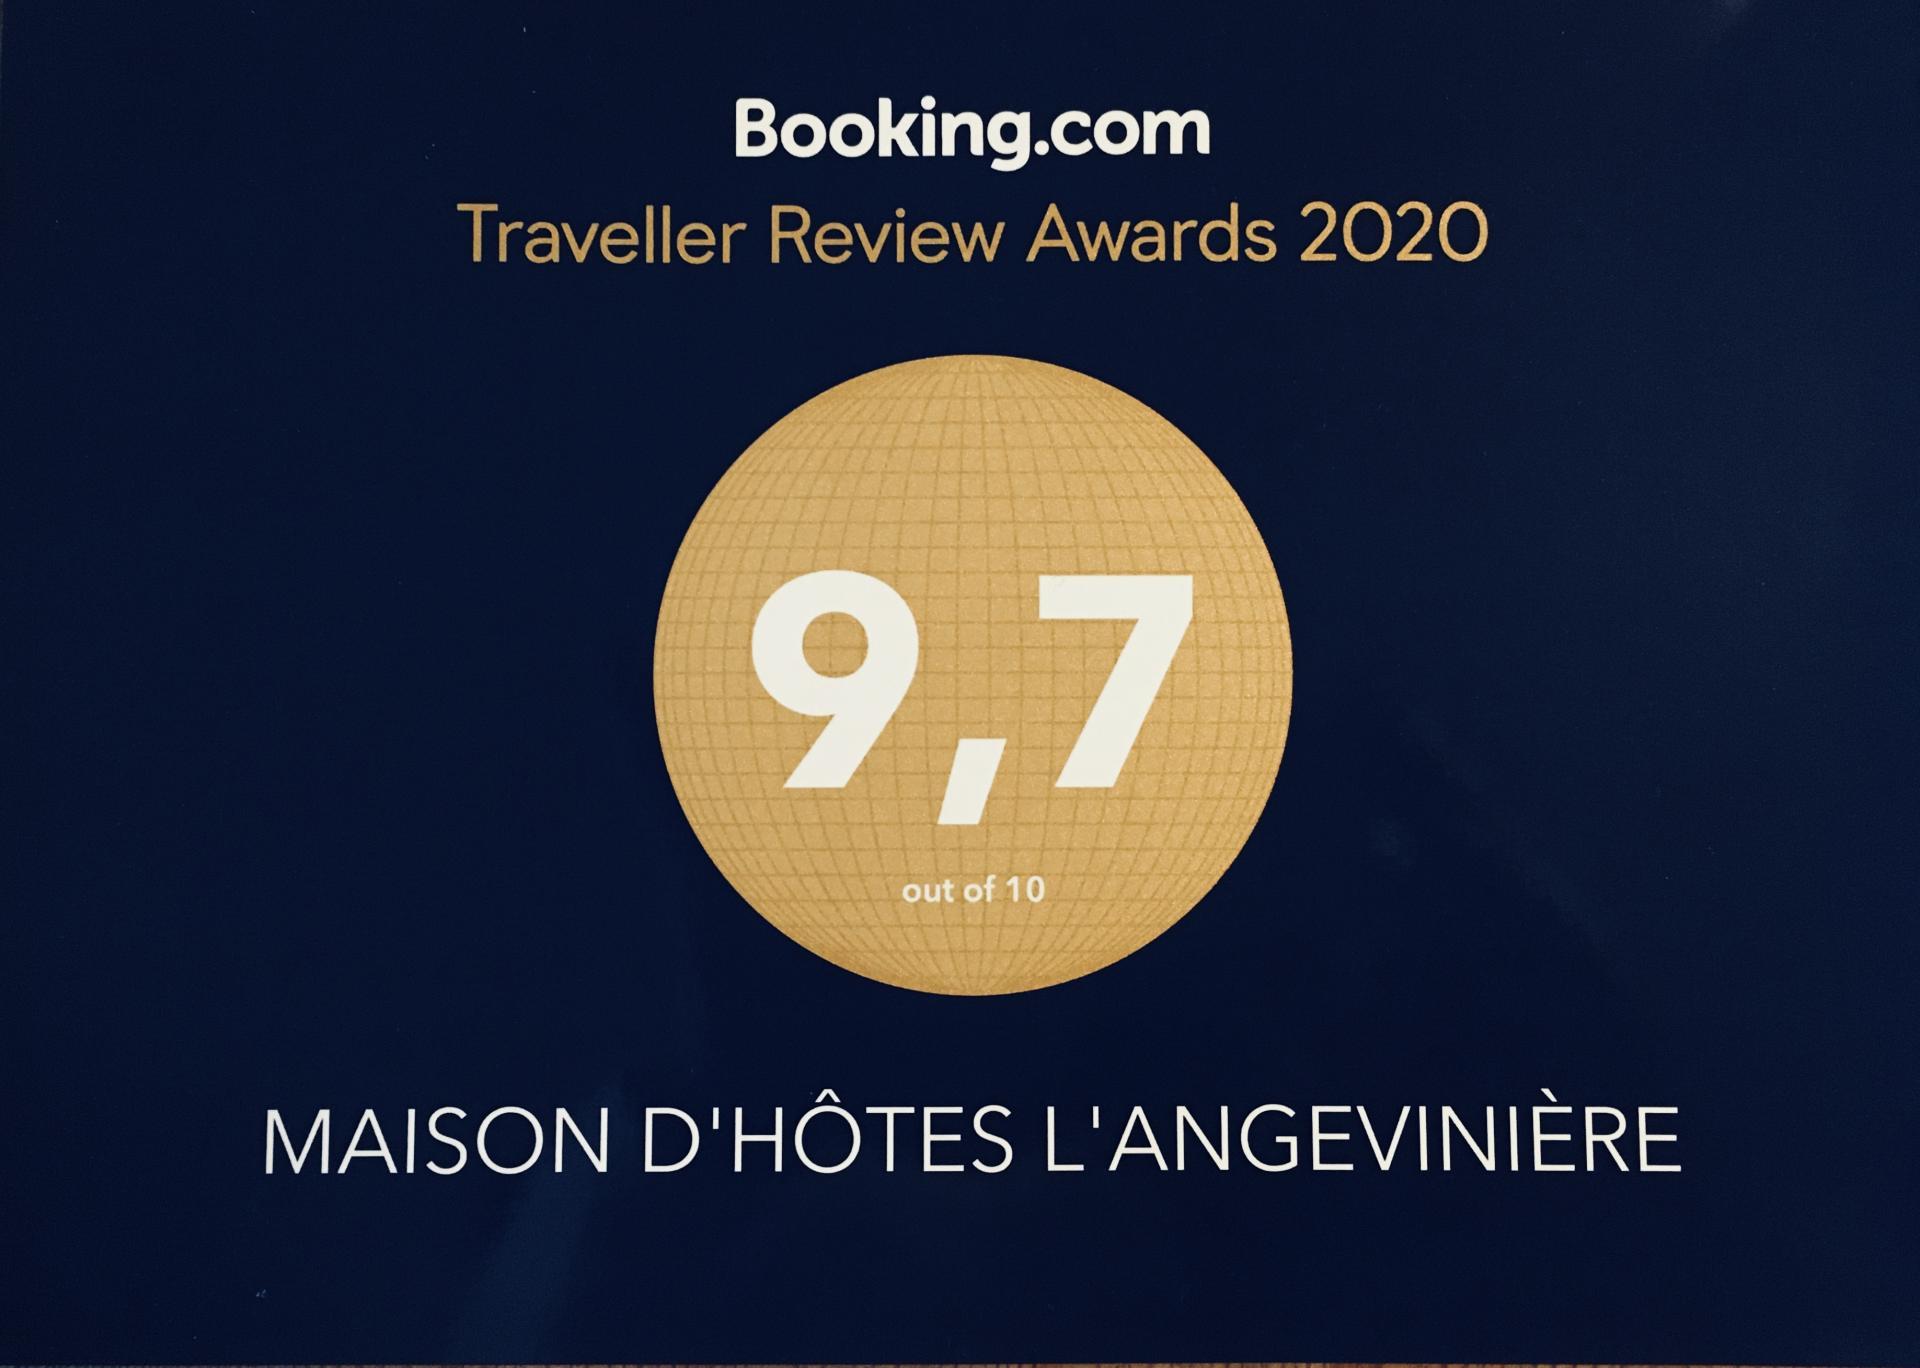 Notre récompense de Booking.com 2019